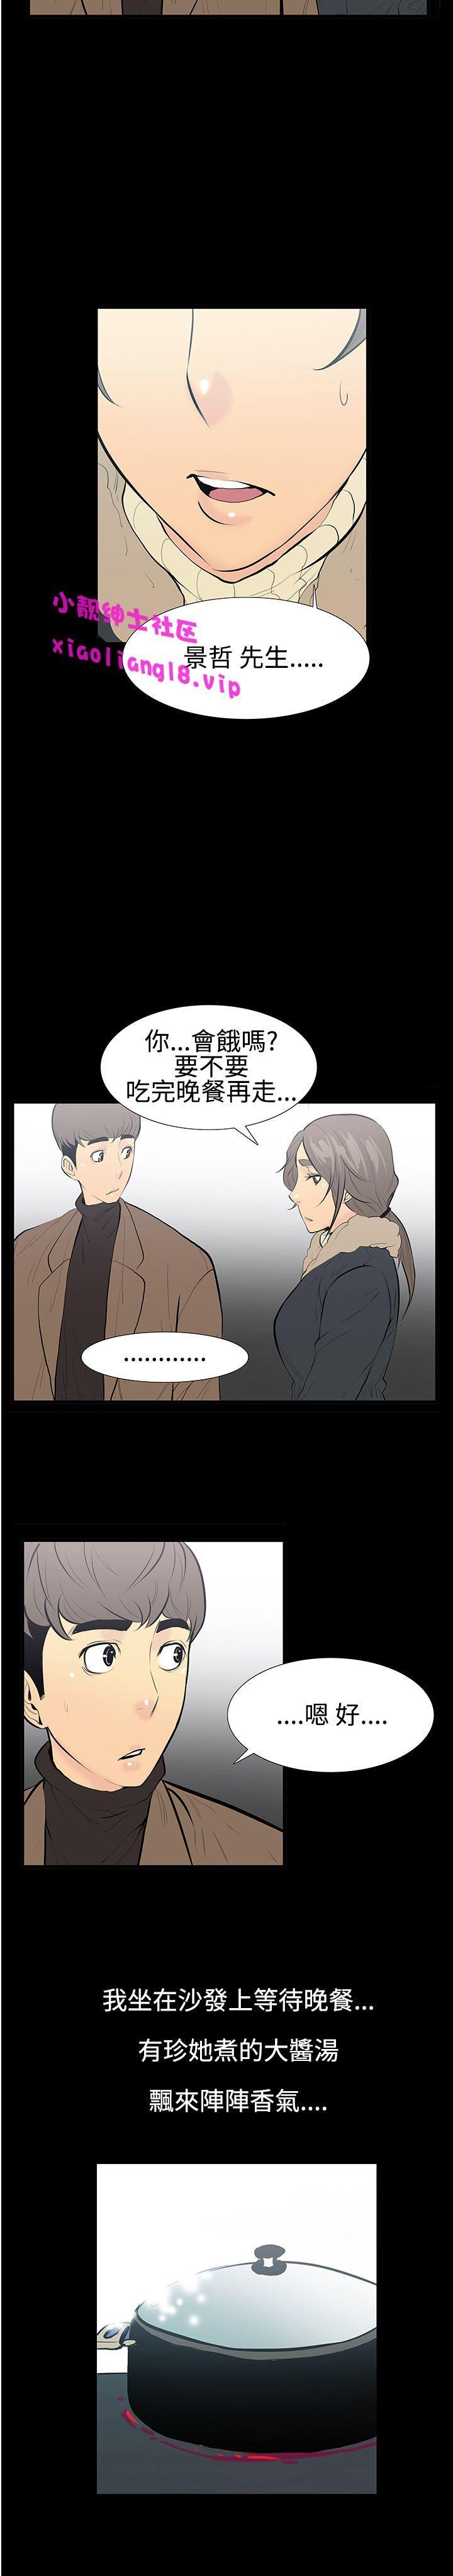 中文韩漫 無法停止的甜蜜關係 Ch.0-12 84